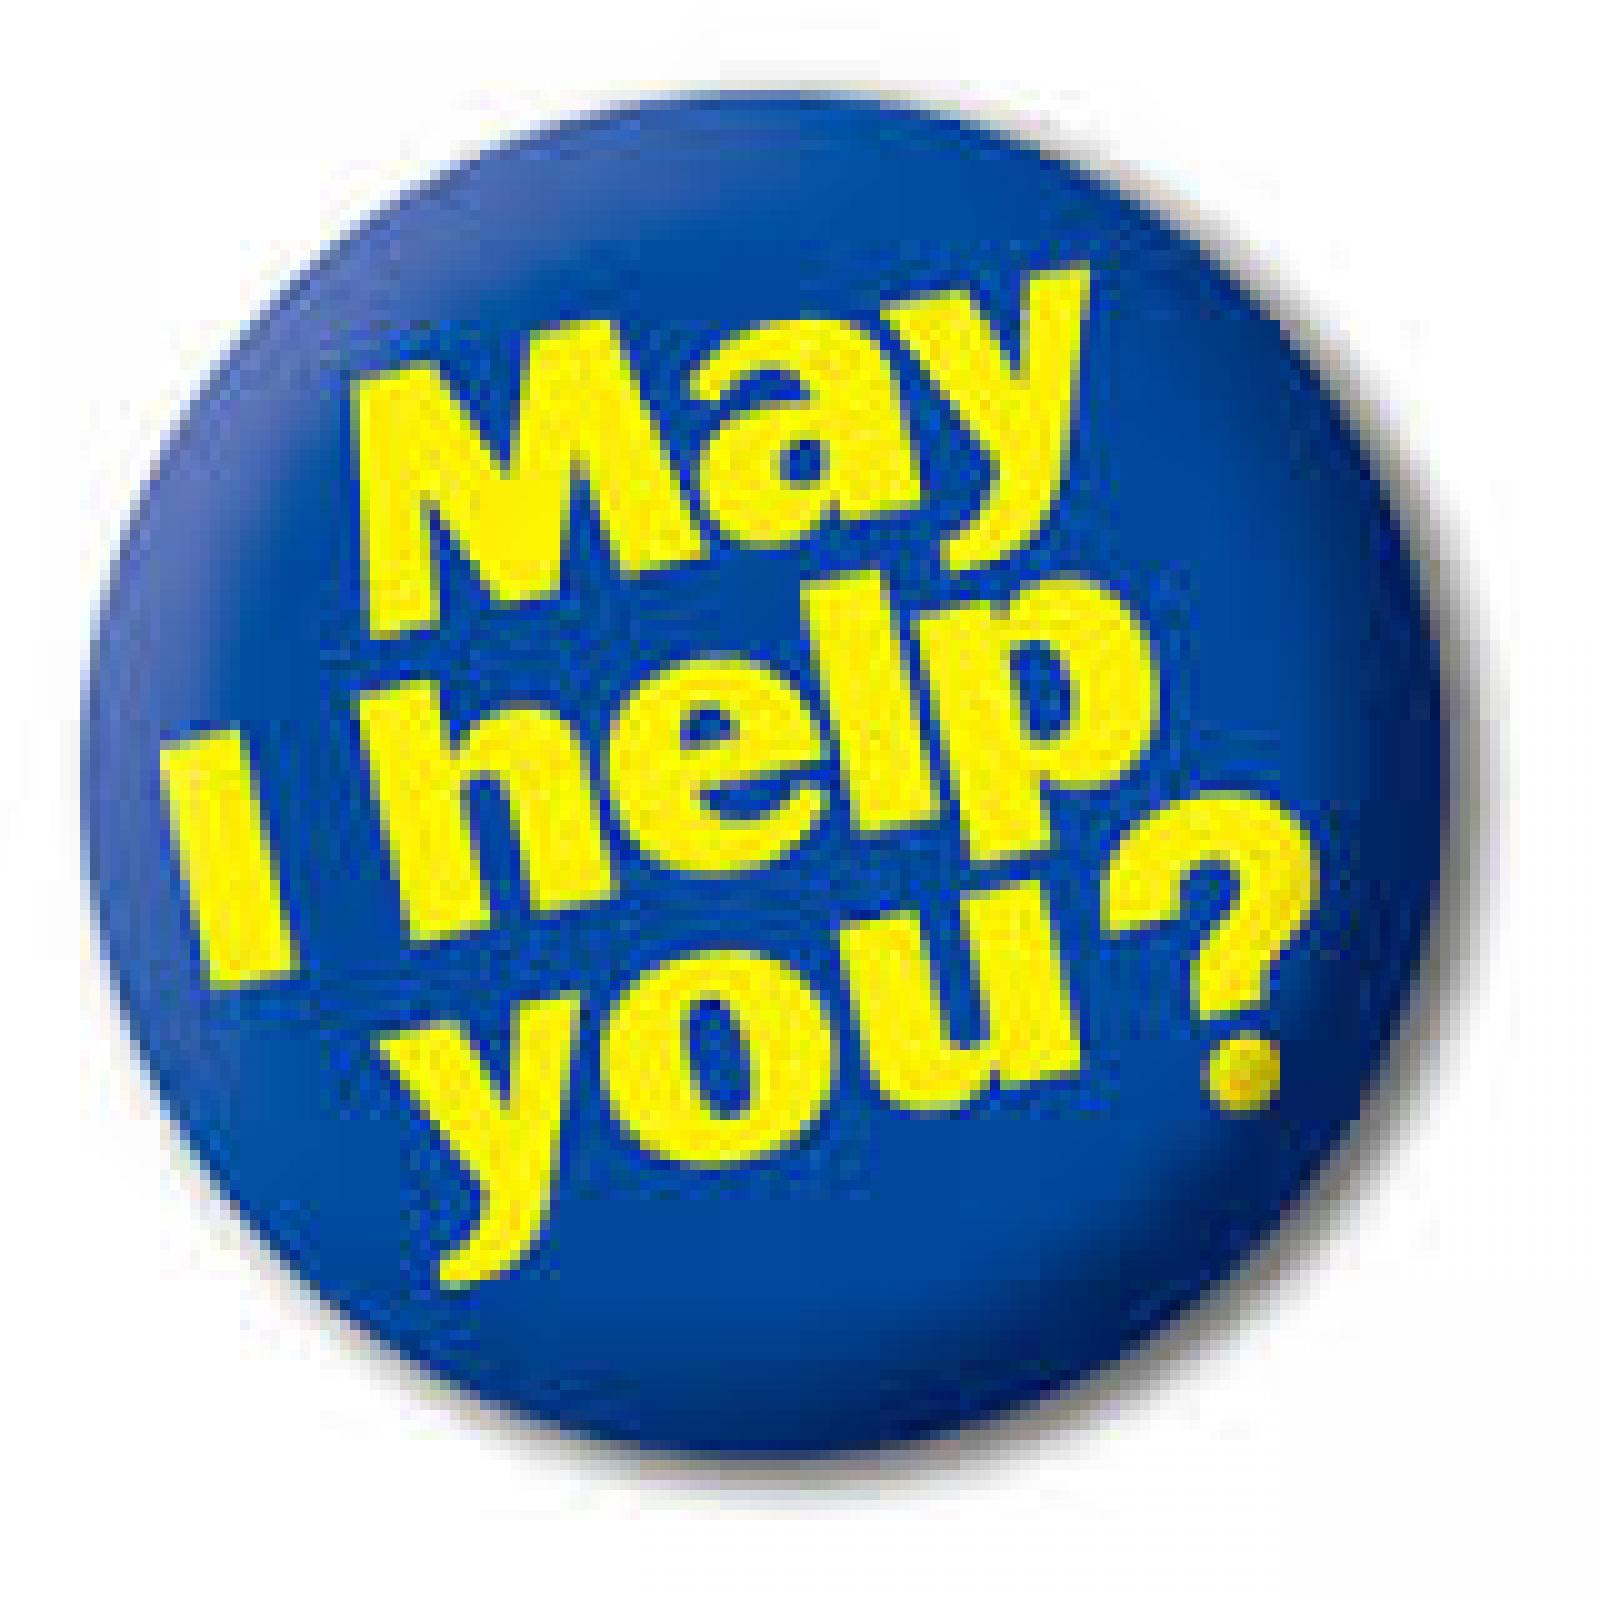 My I Help You